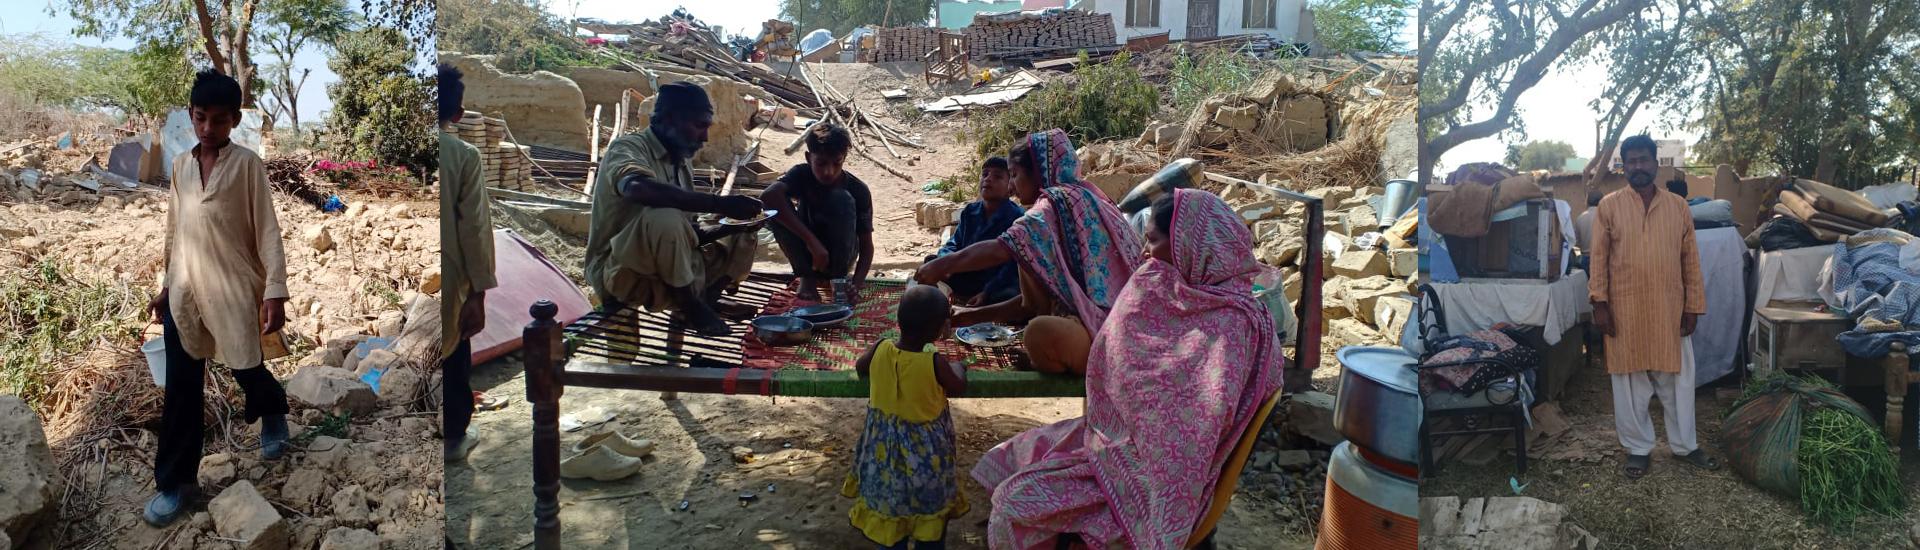 Ayuda urgente para 60 familias cristianas en Pakistán